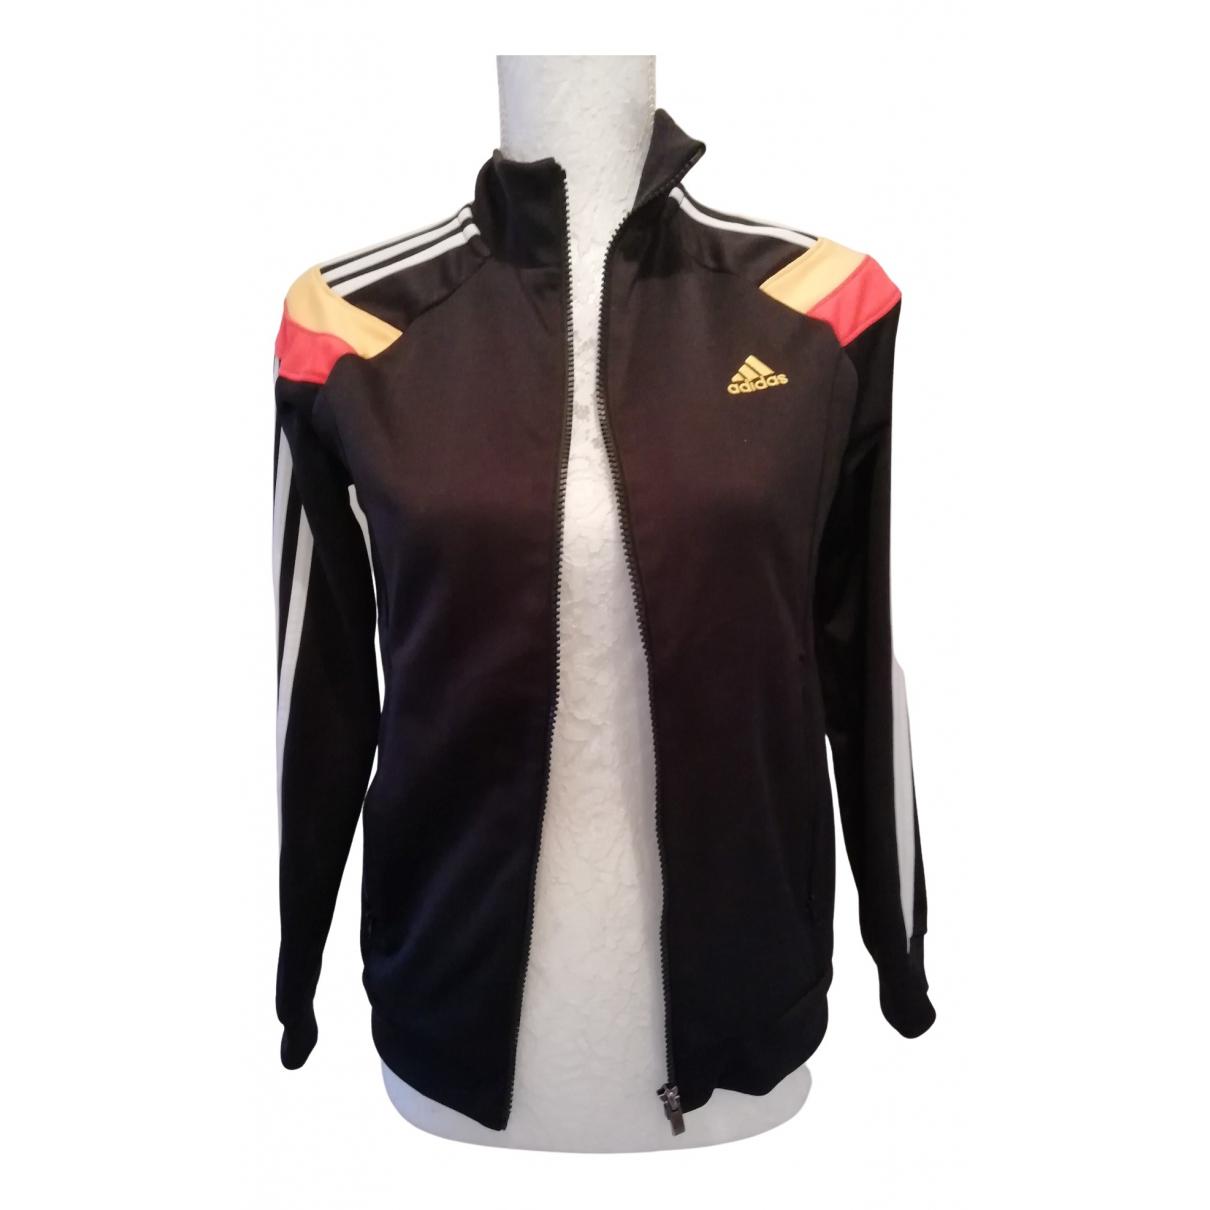 Adidas \N Jacke in  Bunt Baumwolle